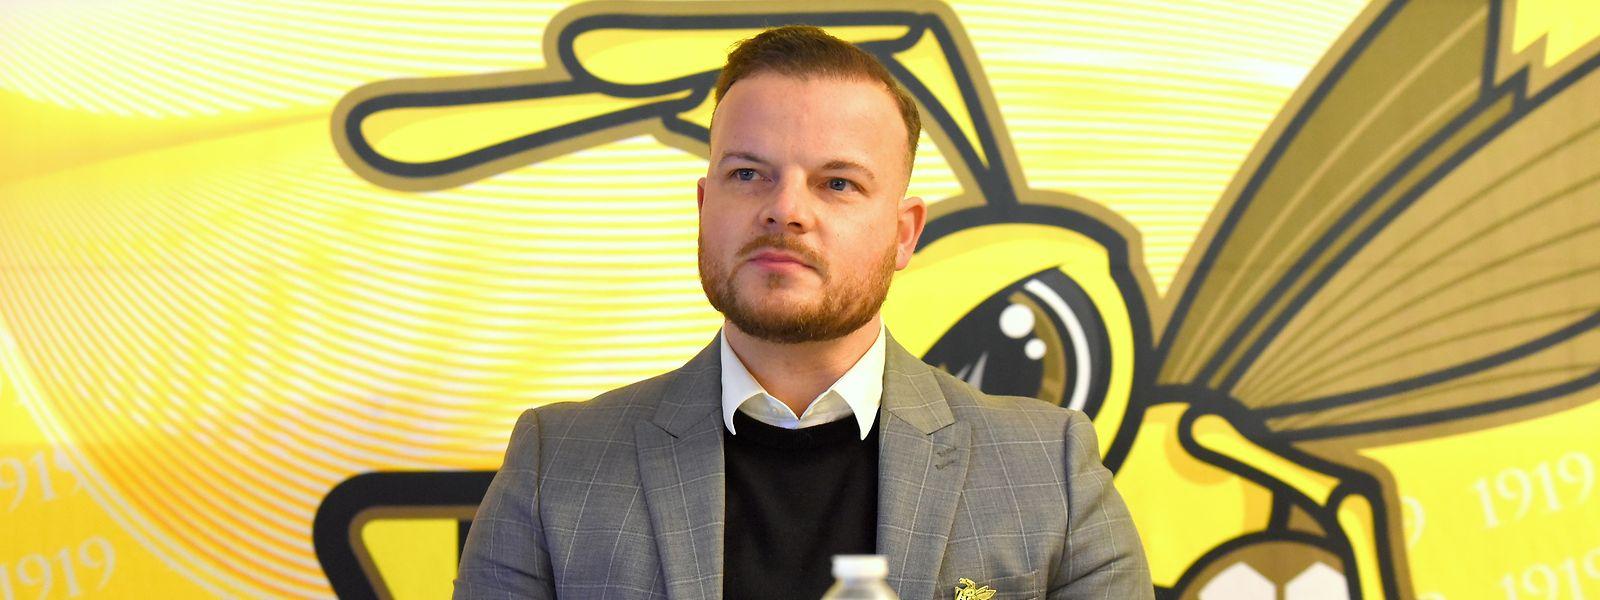 Progrès-Generaldirektor Thomas Gilgemann verteidigt die Interessen seines Clubs.